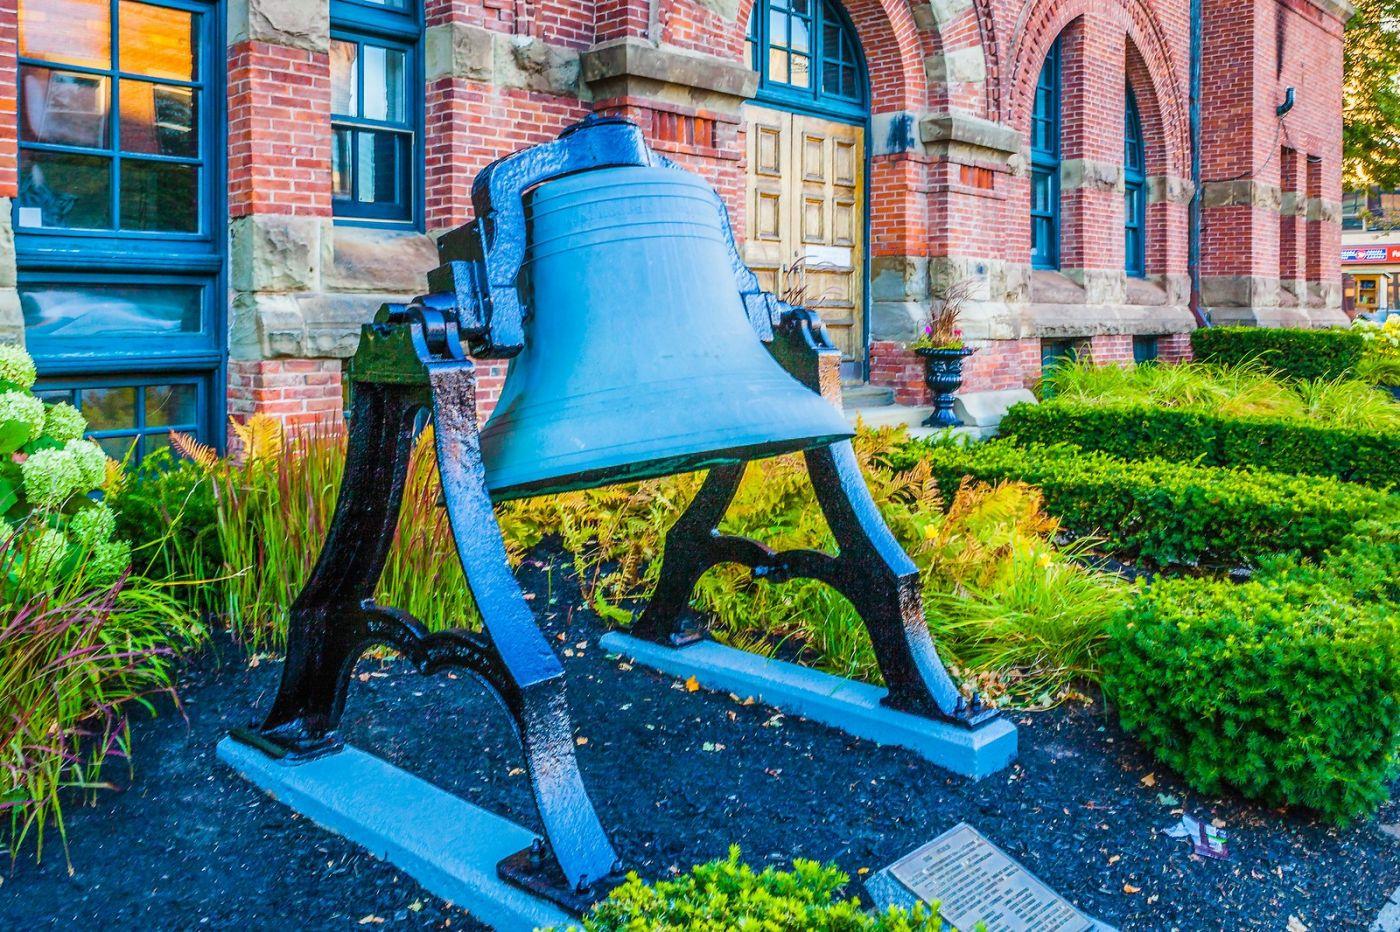 加拿大夏洛特镇(Charlottetown),城市游记_图1-20